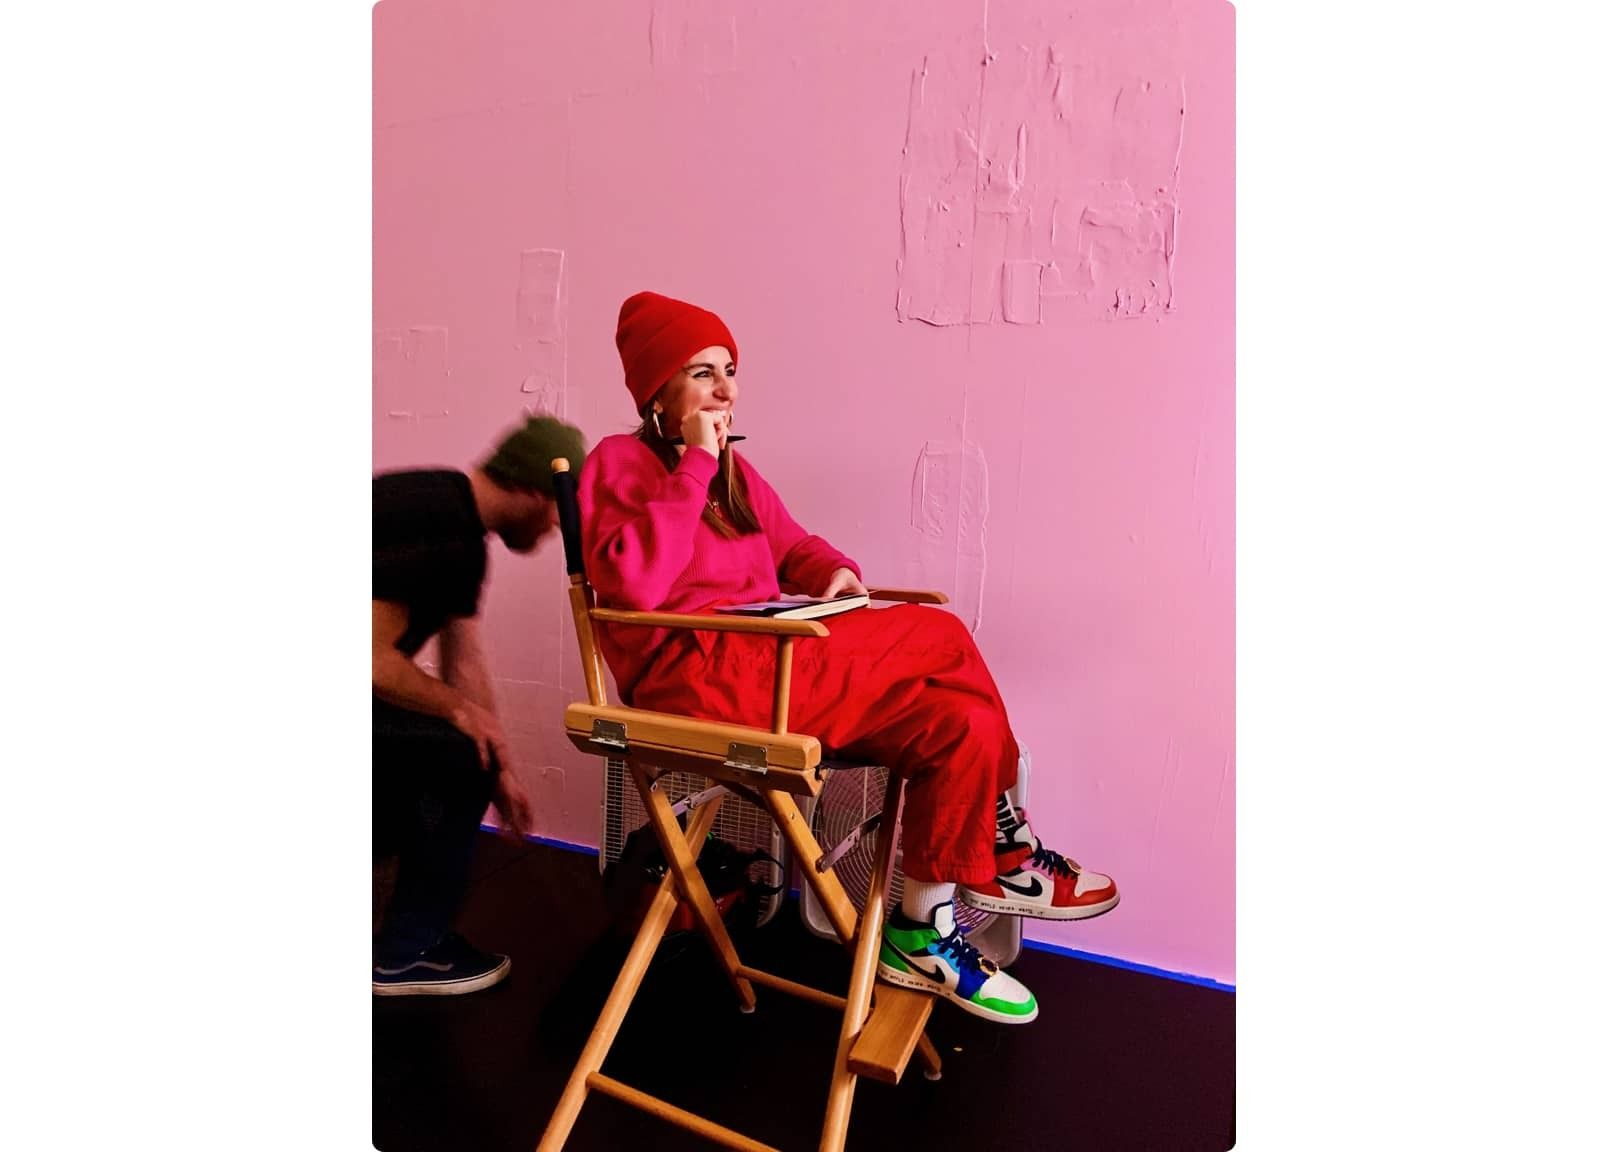 Maria Civitate Global Manager at Nike